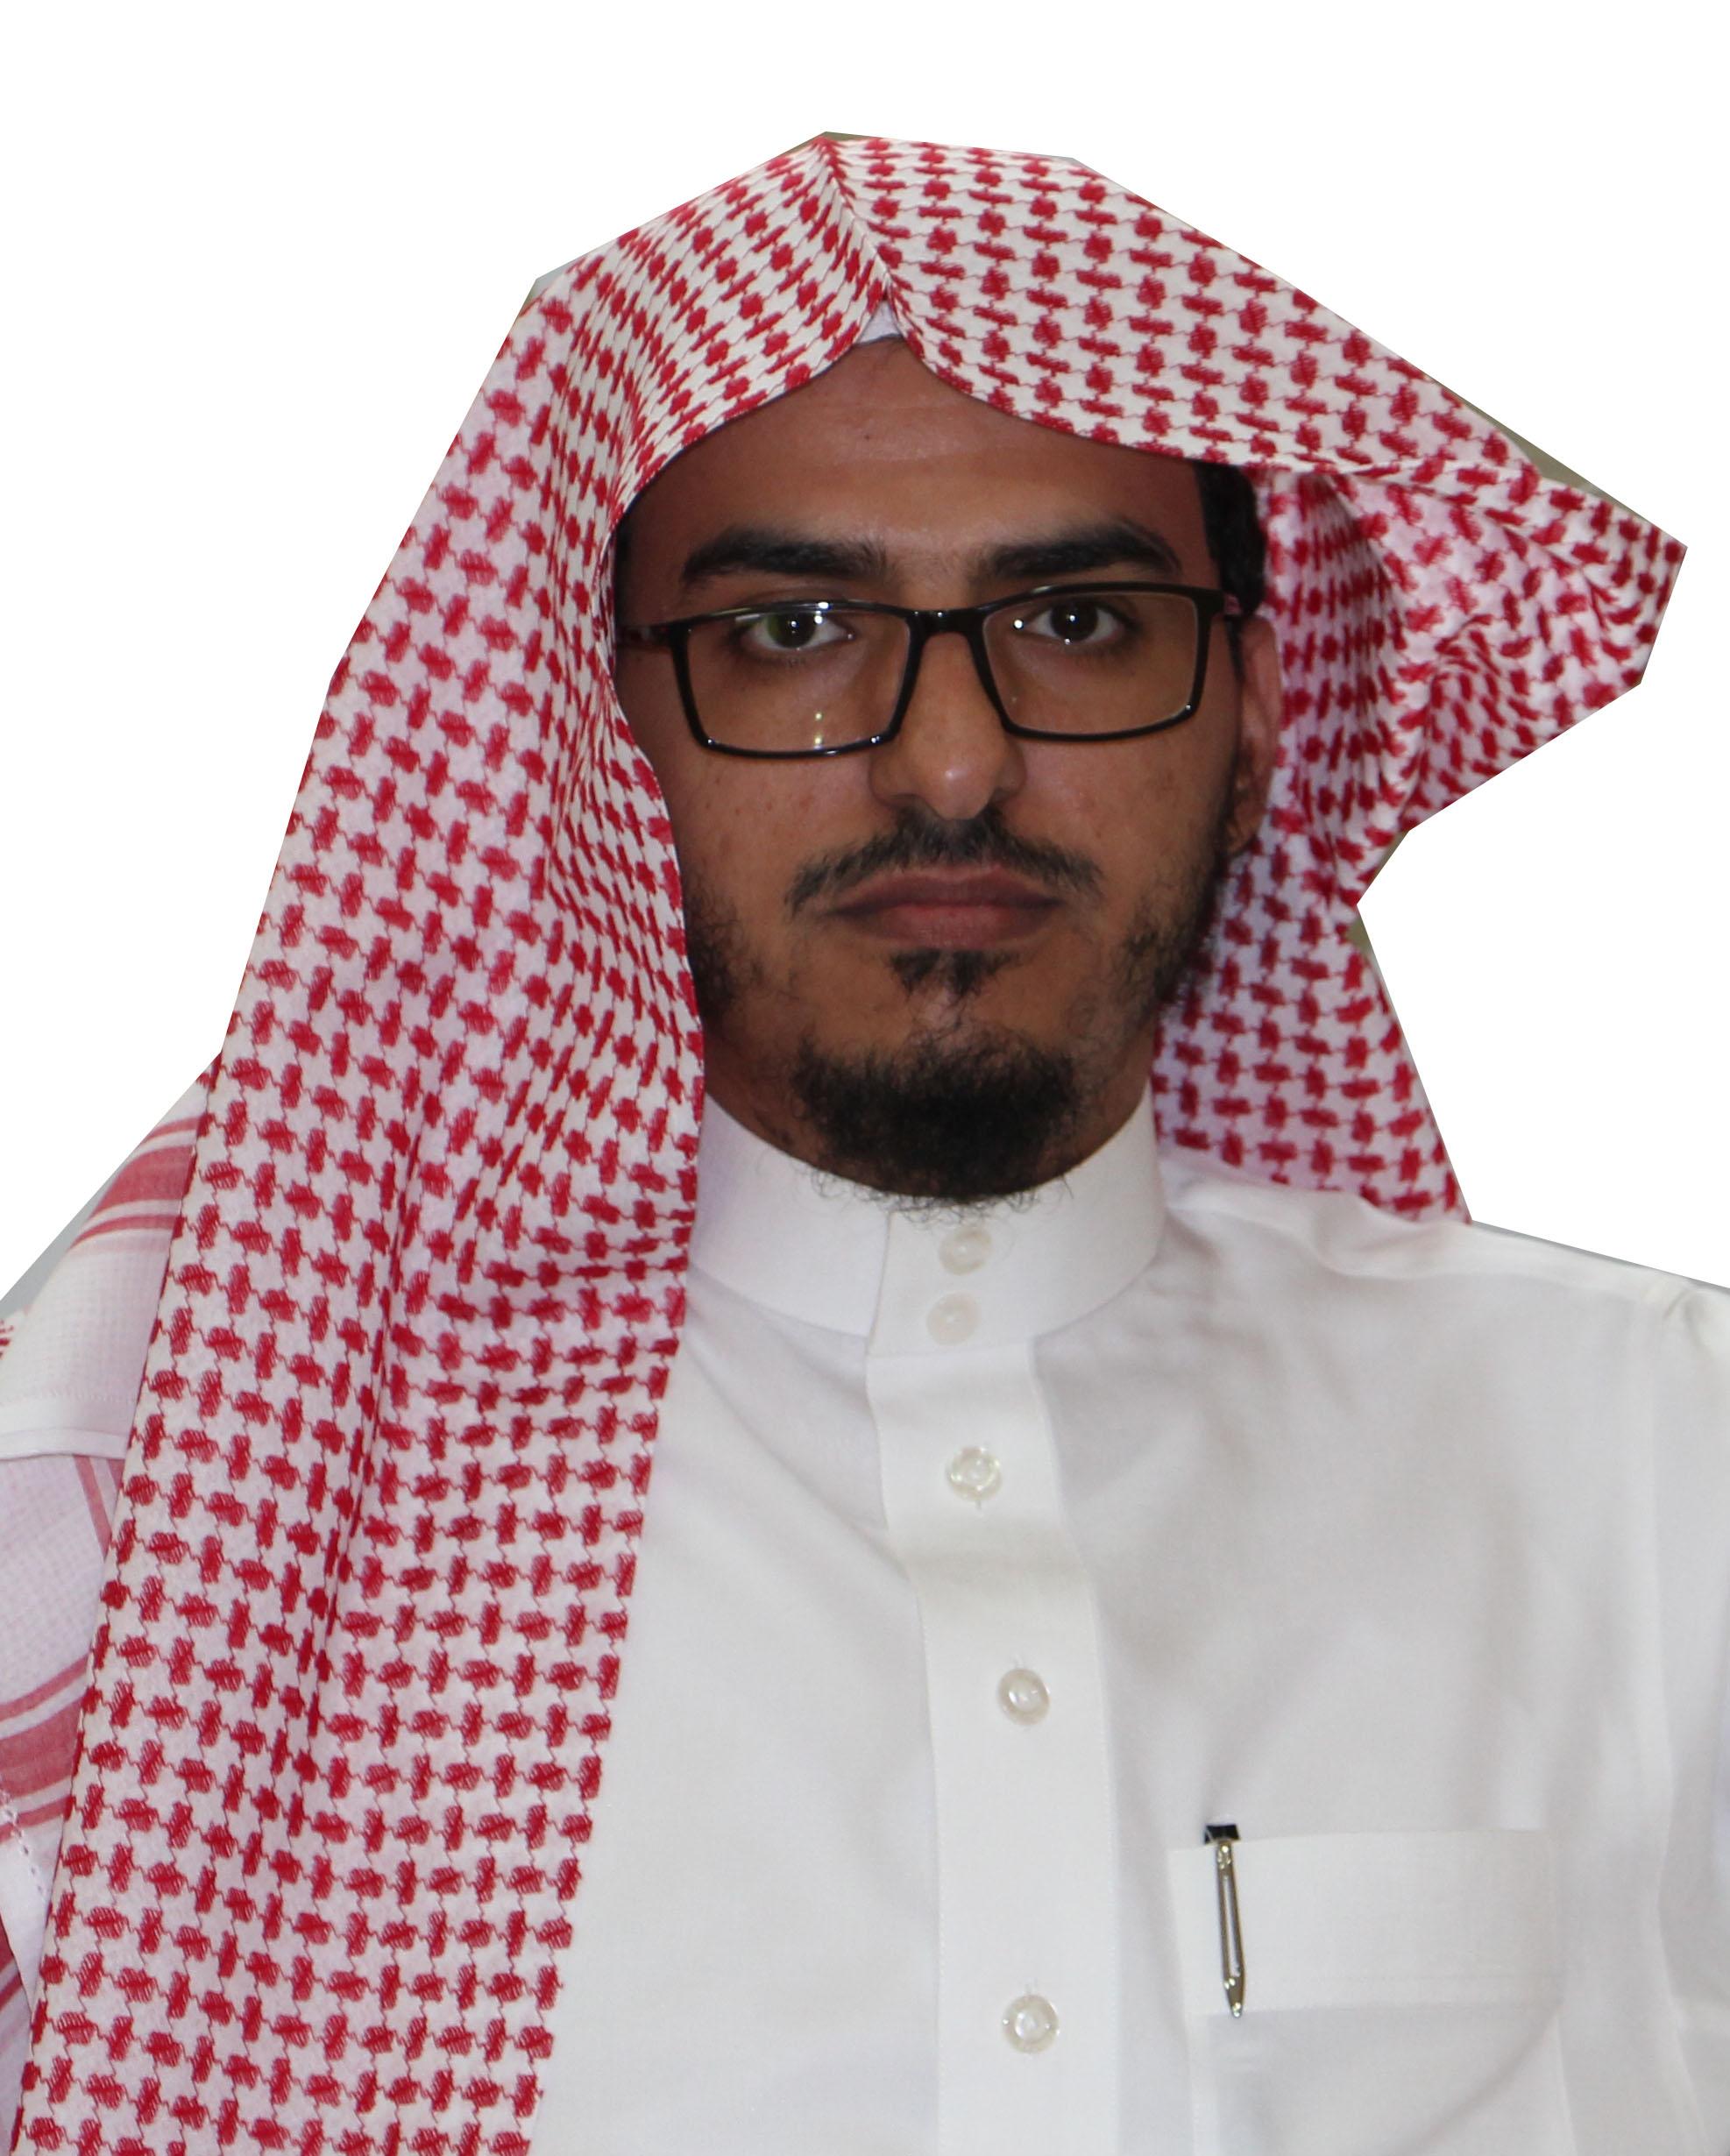 د. محمد مقبل ناصر المقبل ممثلية الجمعية الفقهية السعودية بجامعة الأمير سطام بن عبد العزيز